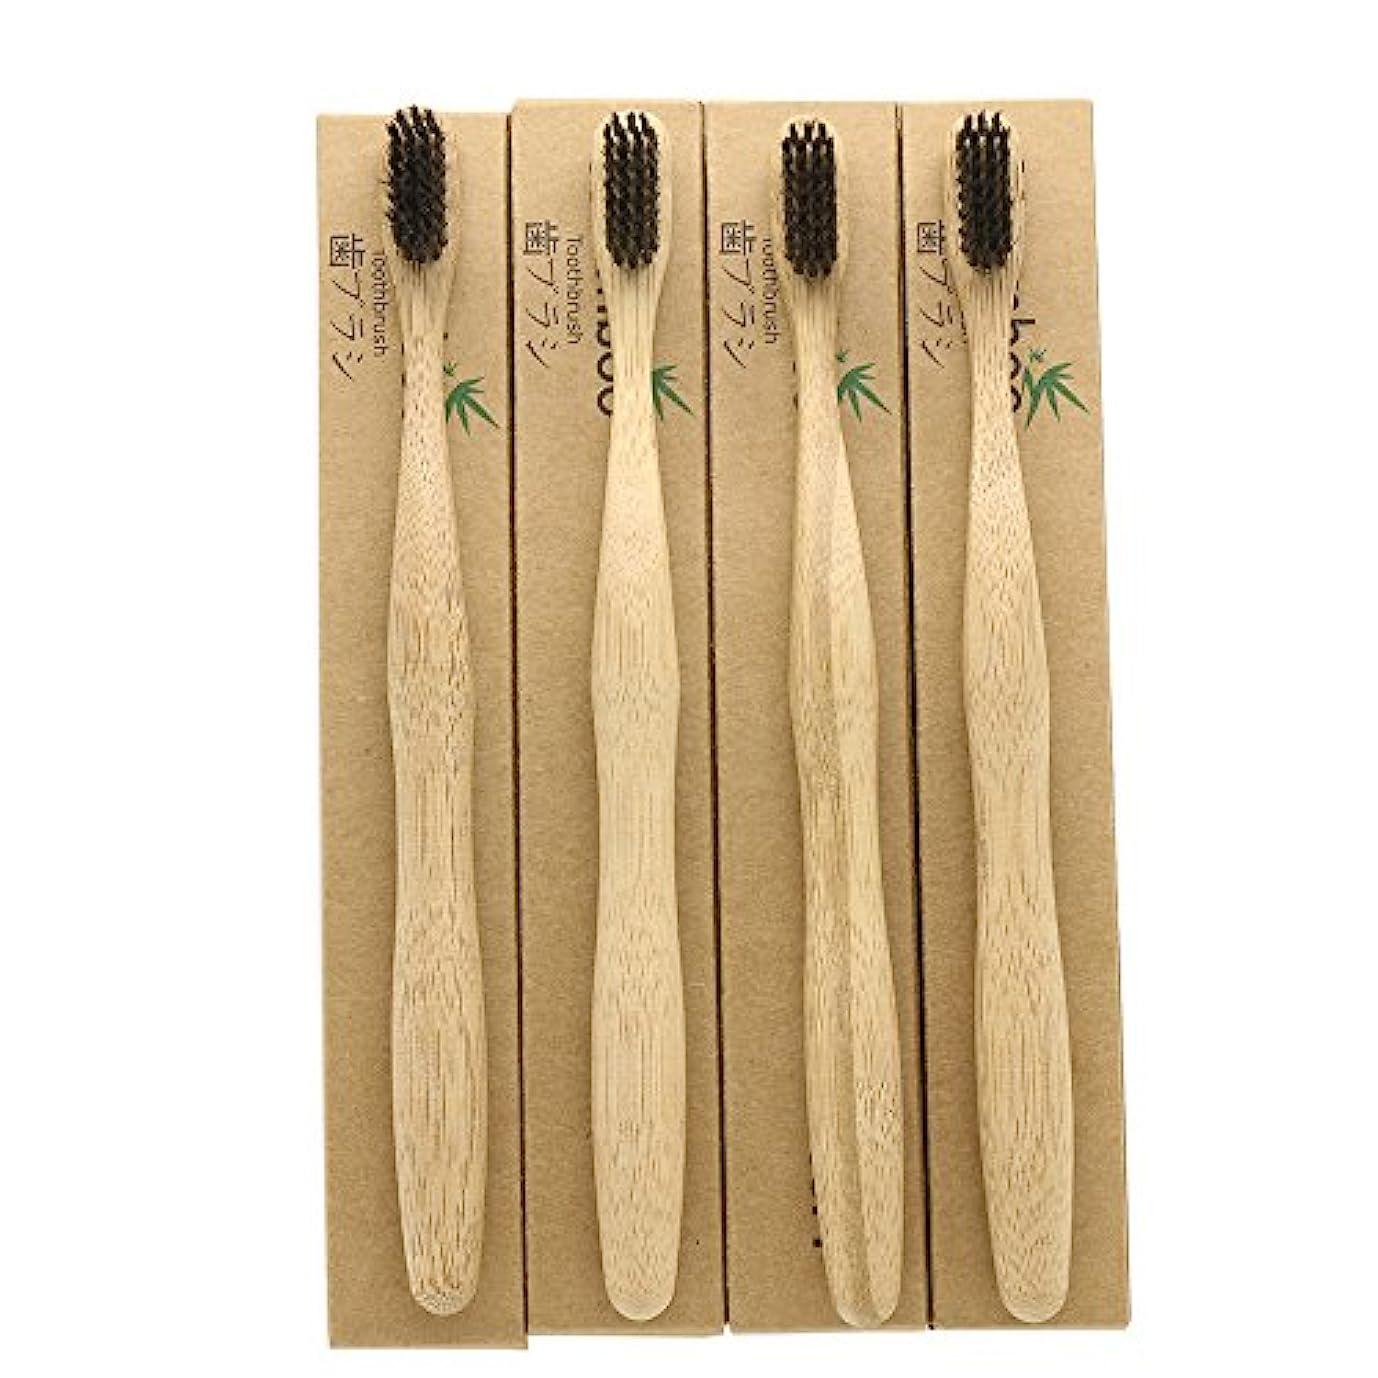 うまくいけばエーカーエンティティN-amboo 竹製耐久度高い 歯ブラシ  黒い ハンドル大きい  4本入りセット